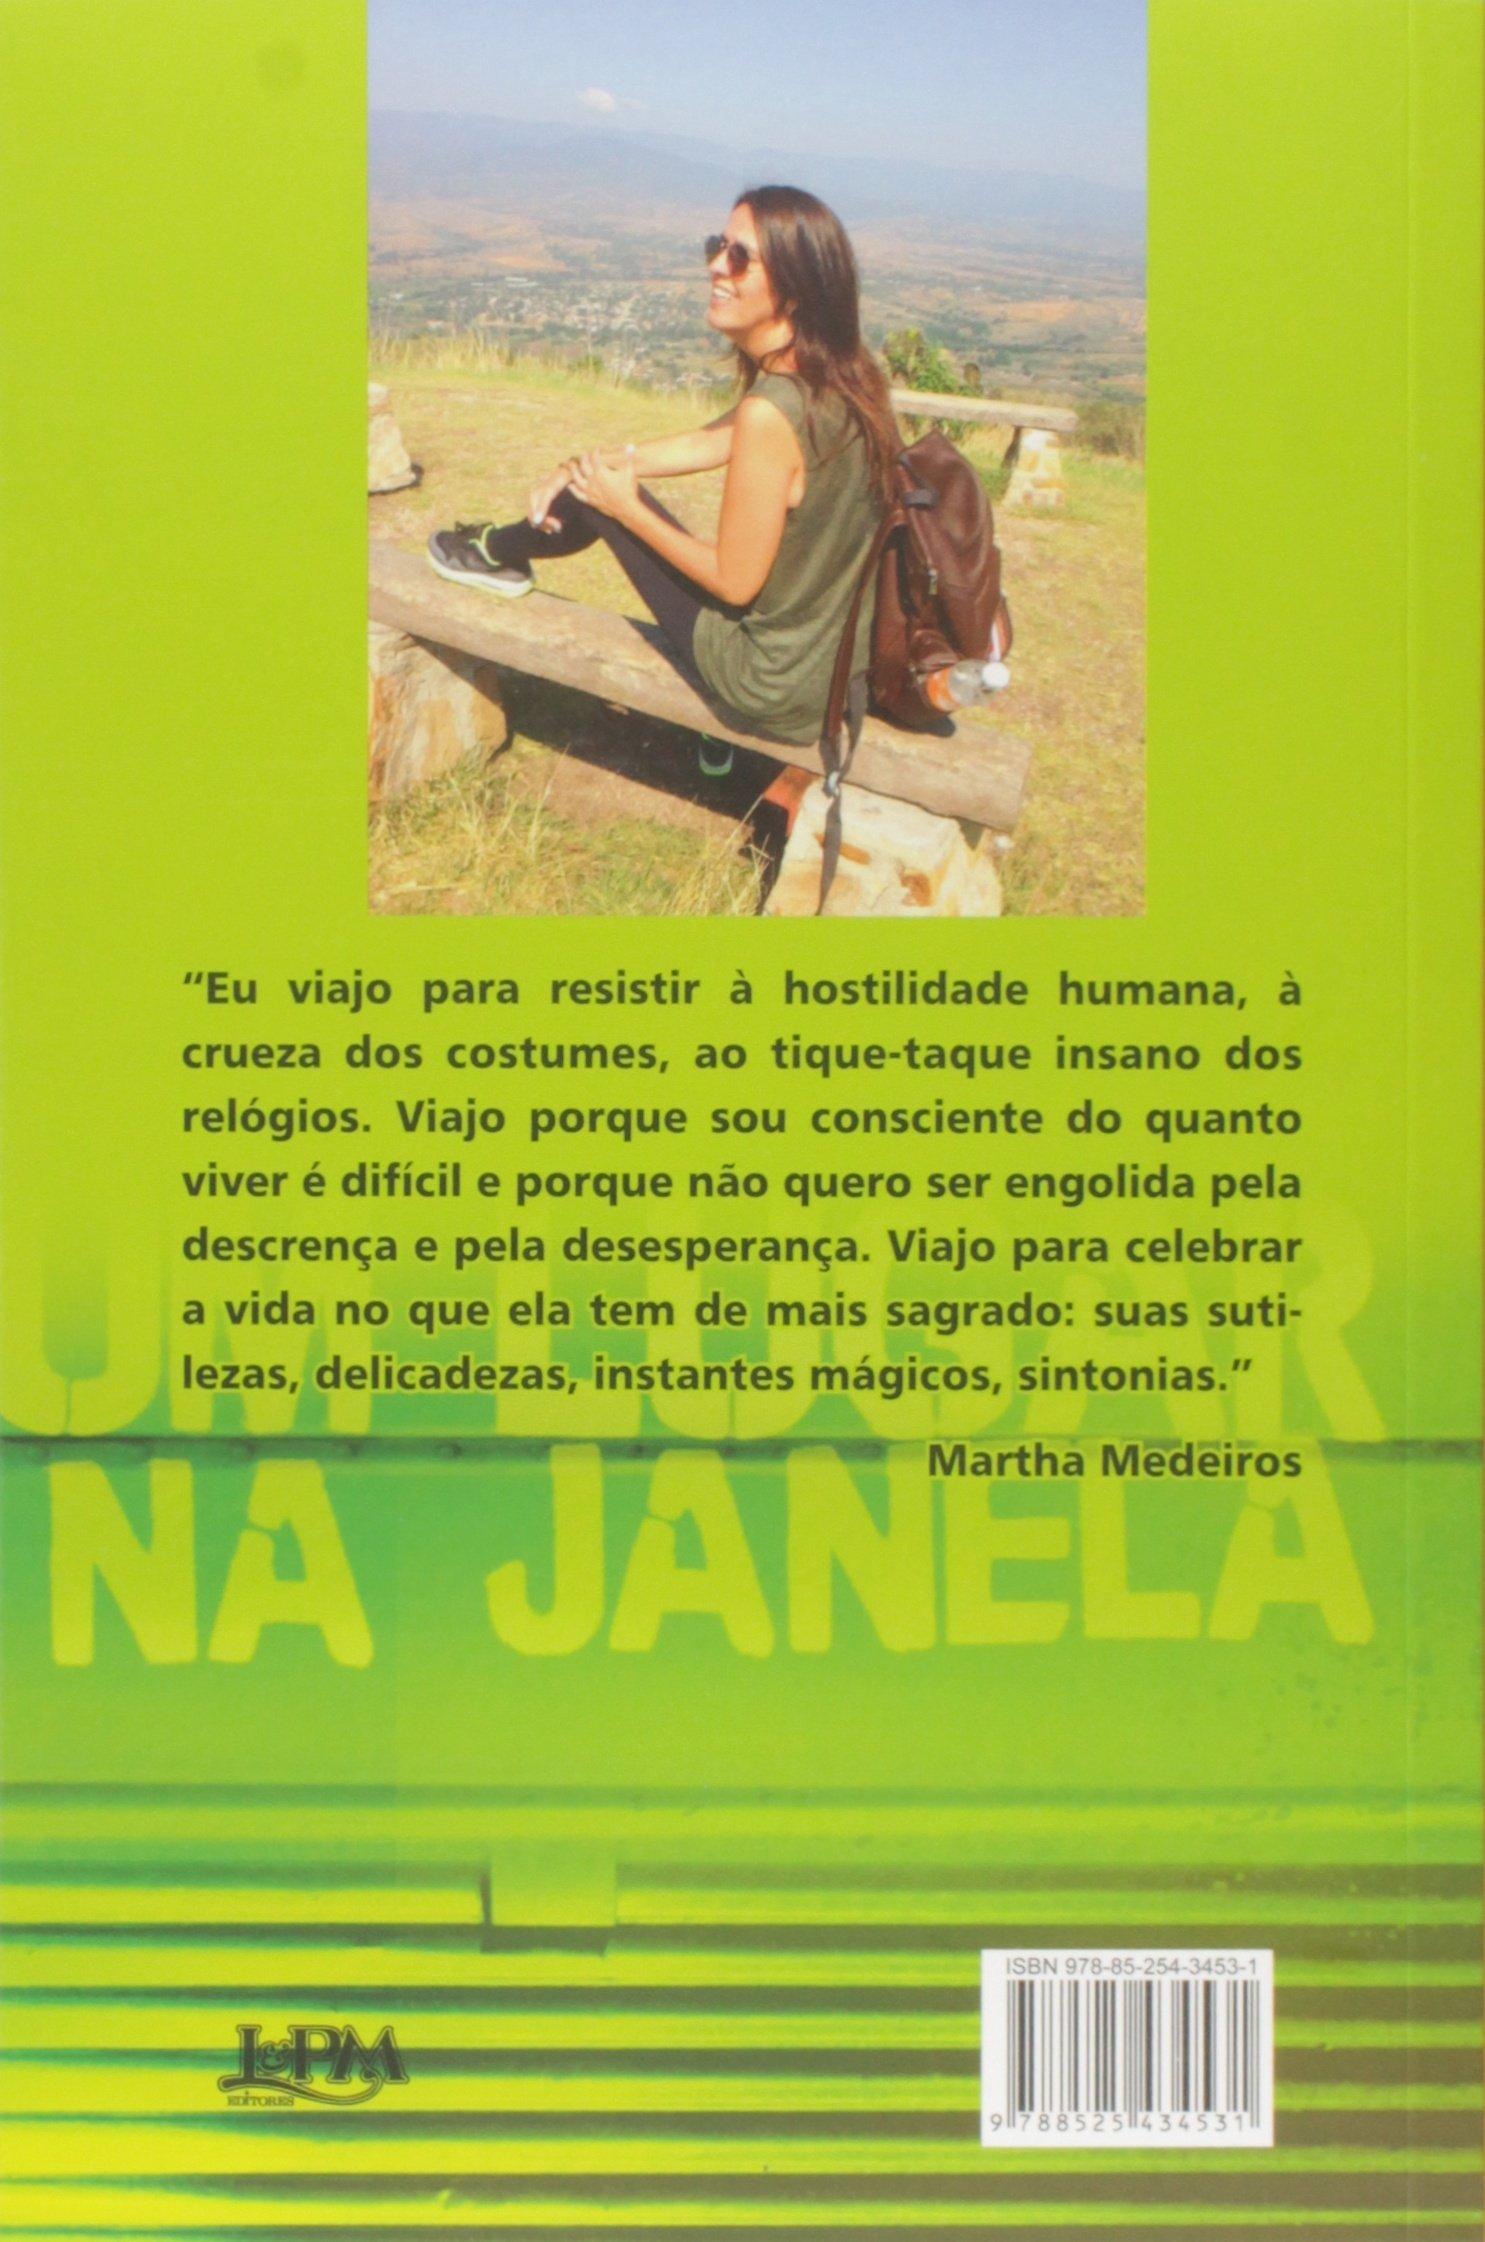 Um Lugar Na Janela 2 Relatos De Viagem Livros Na Amazon Brasil